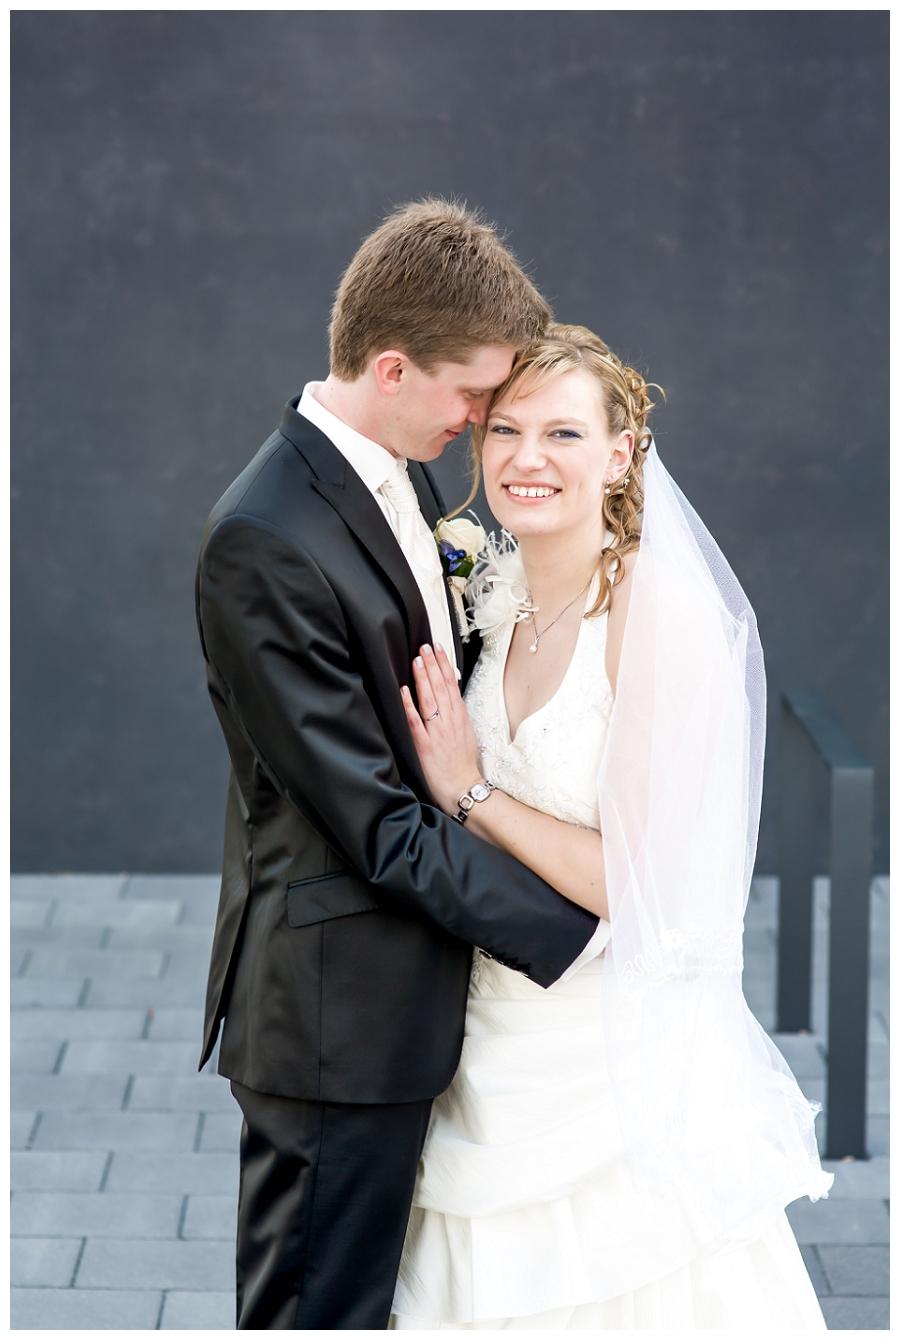 ClaudiaPelnyFotografie_Hochzeit_Bamberg_Nuernberg_Forchheim_0017